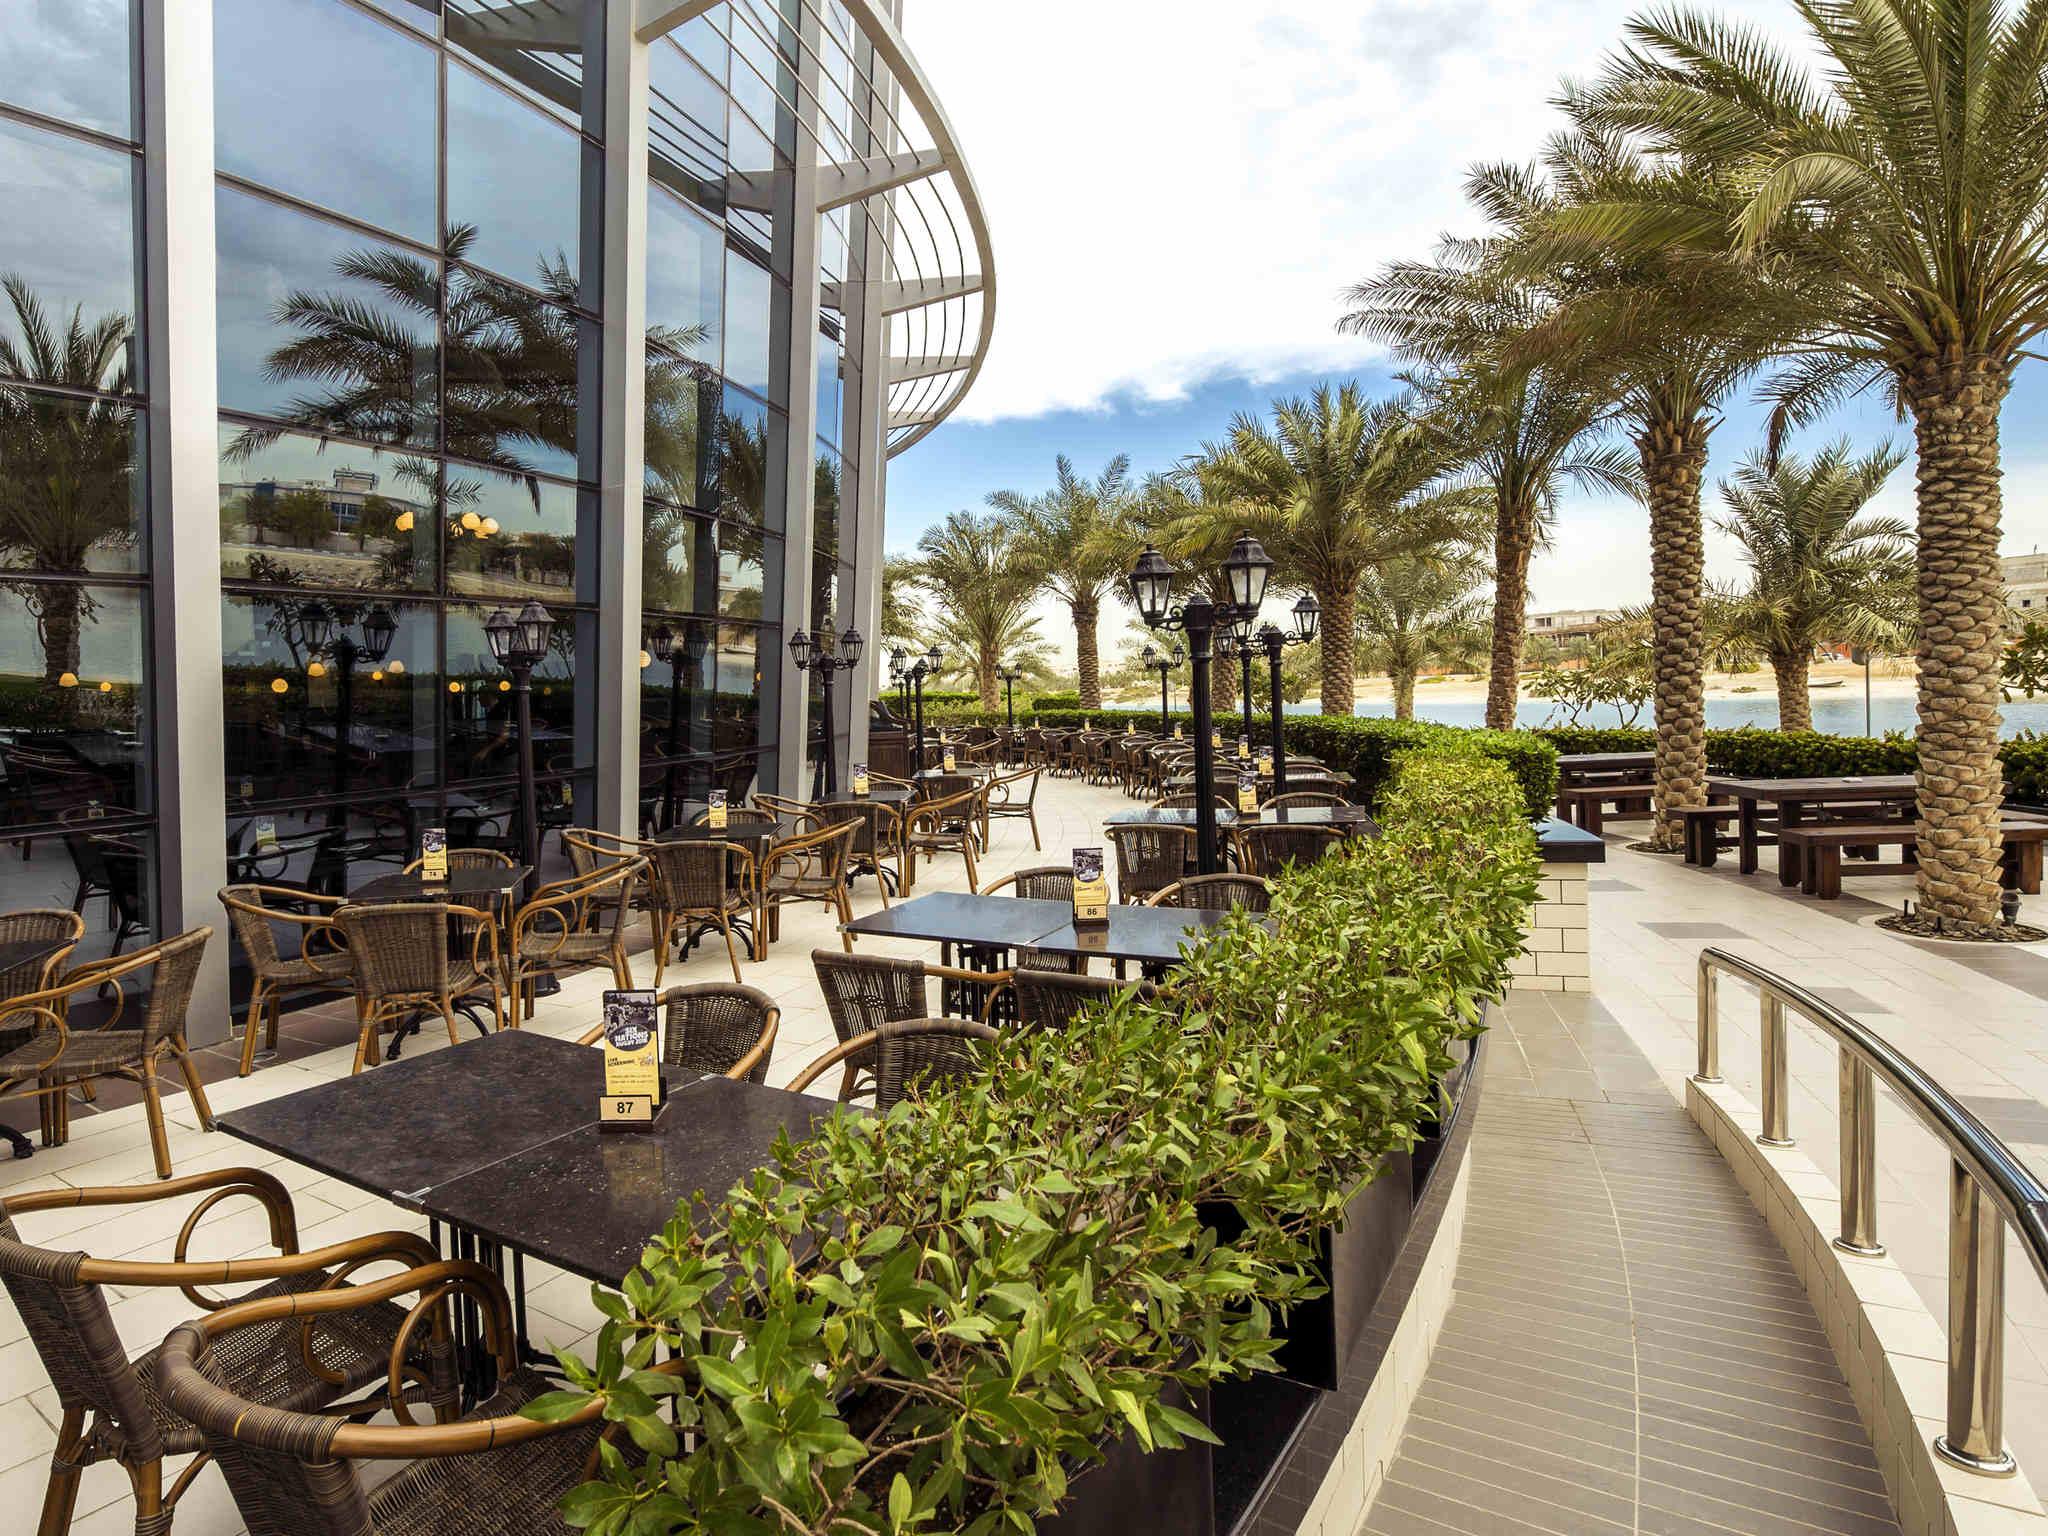 Hotel in ABU DHABI - ibis Abu Dhabi Gate near Yas Island